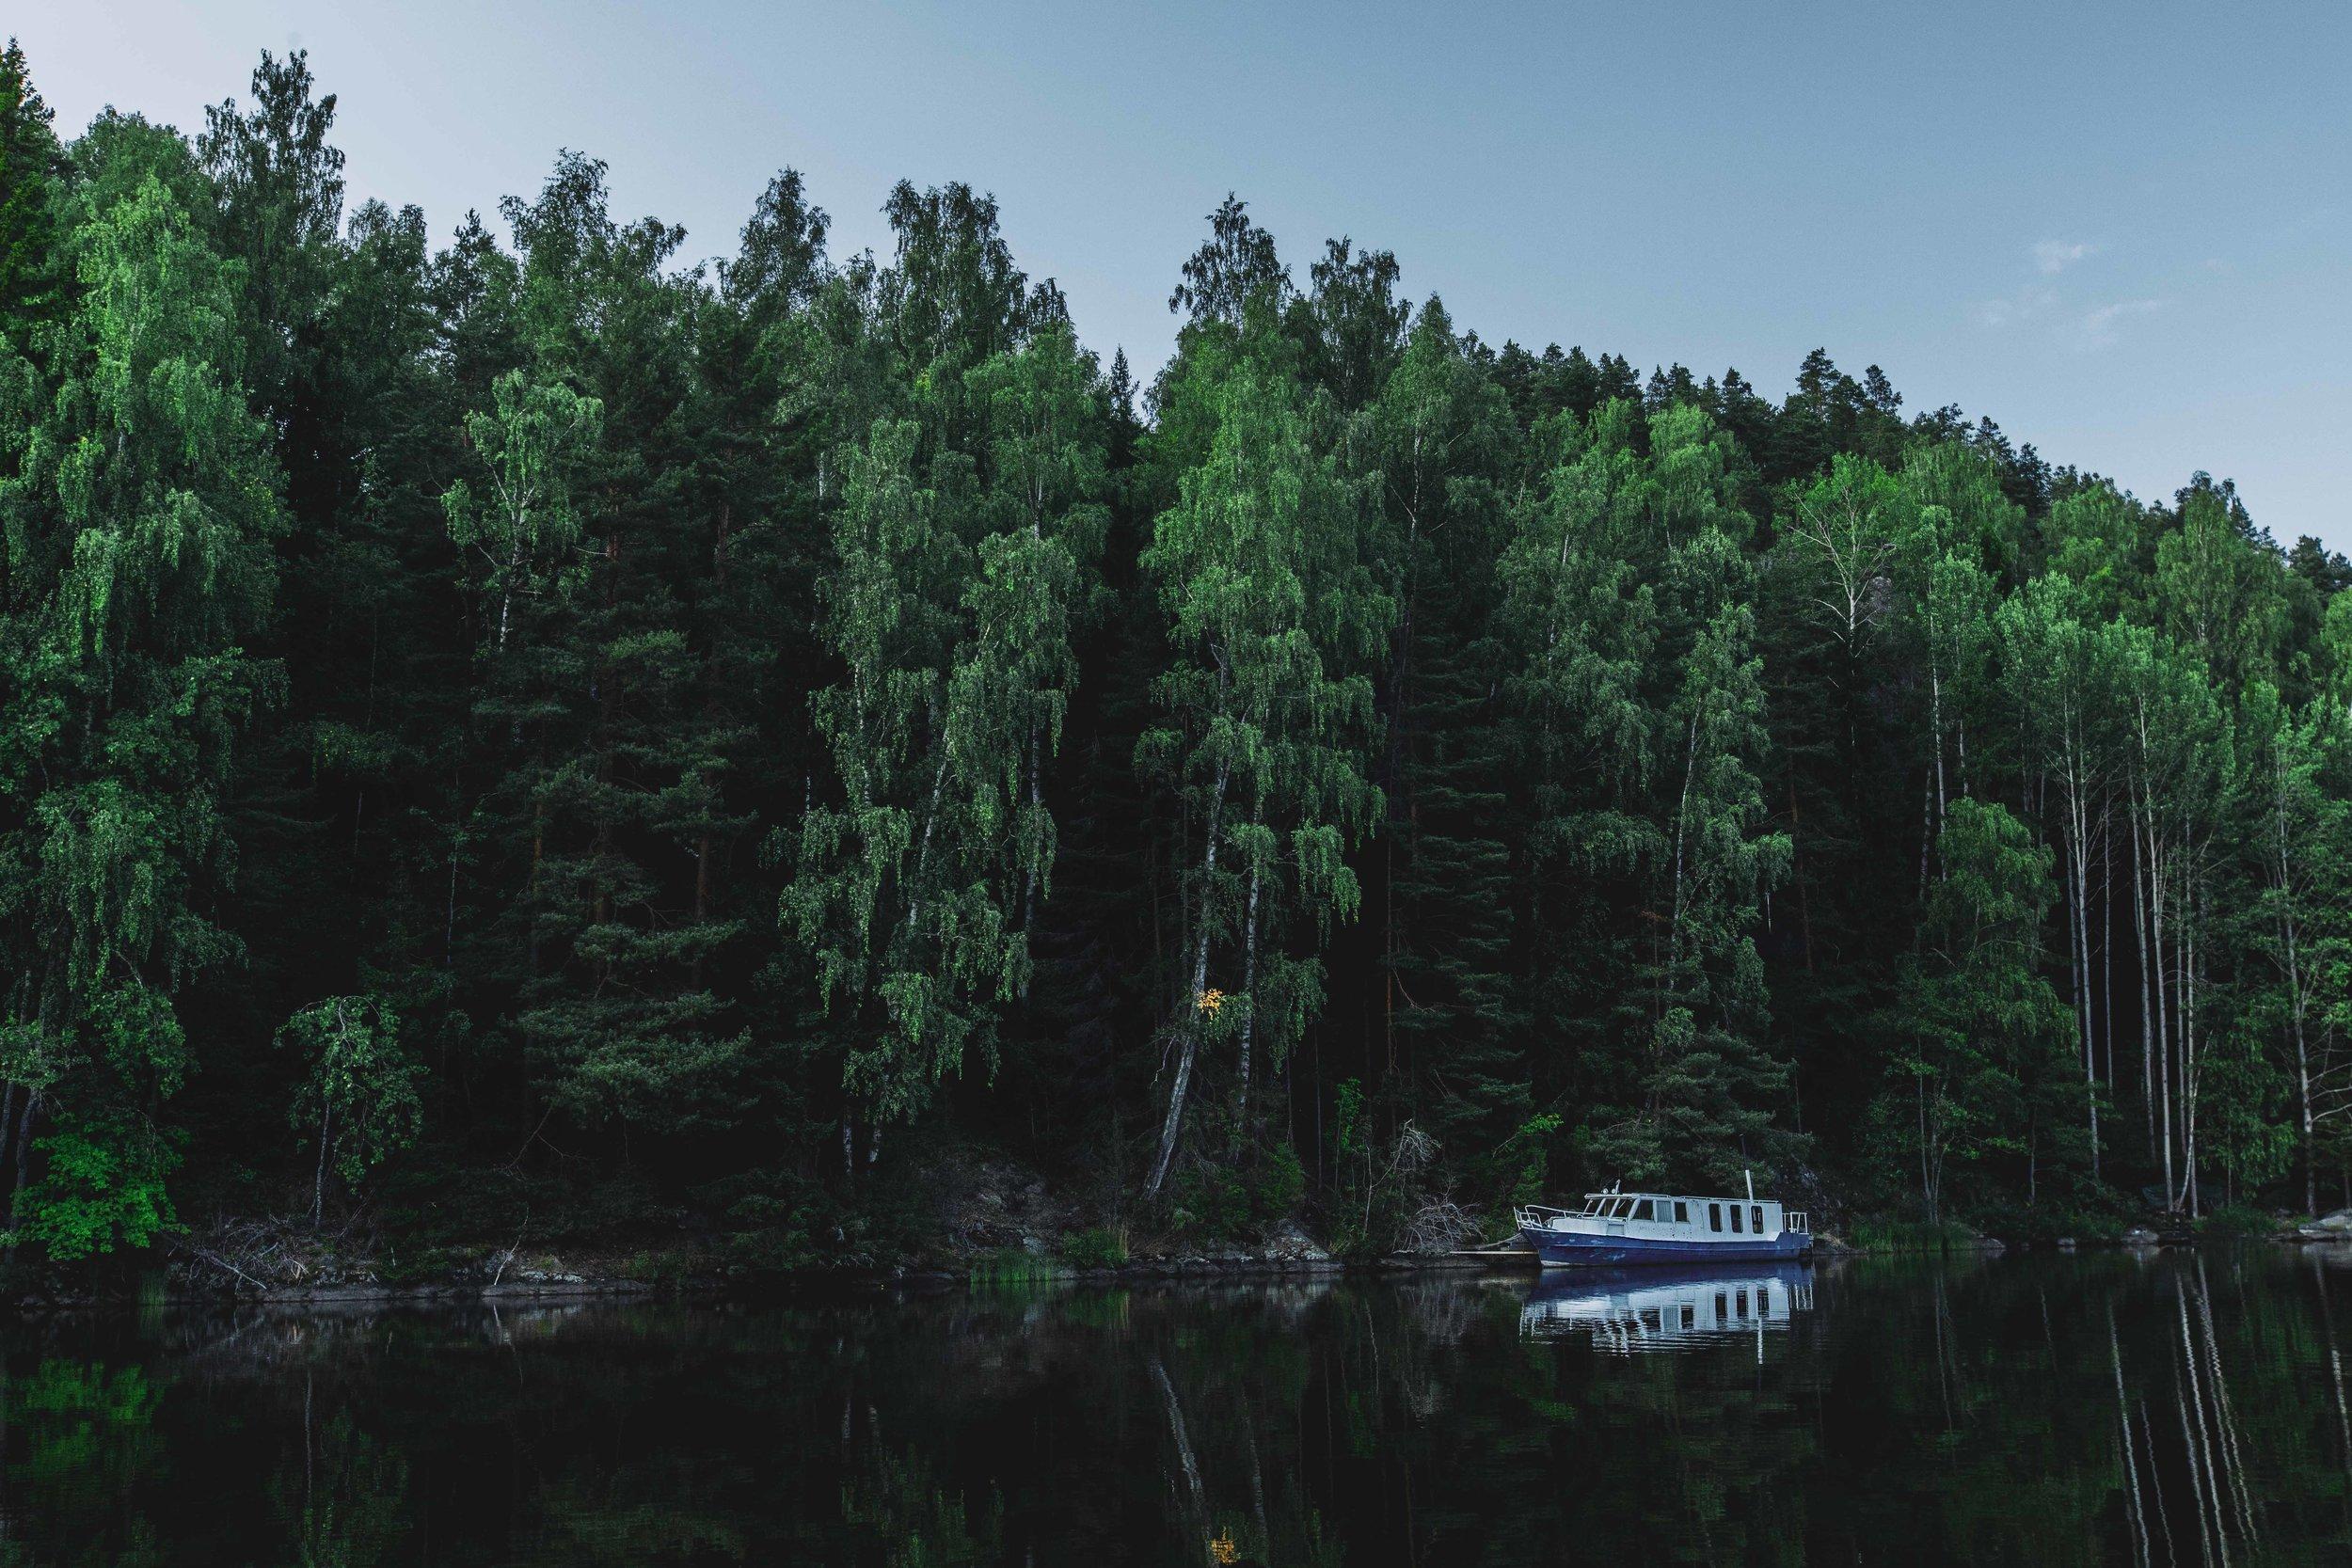 finlandboat.jpg